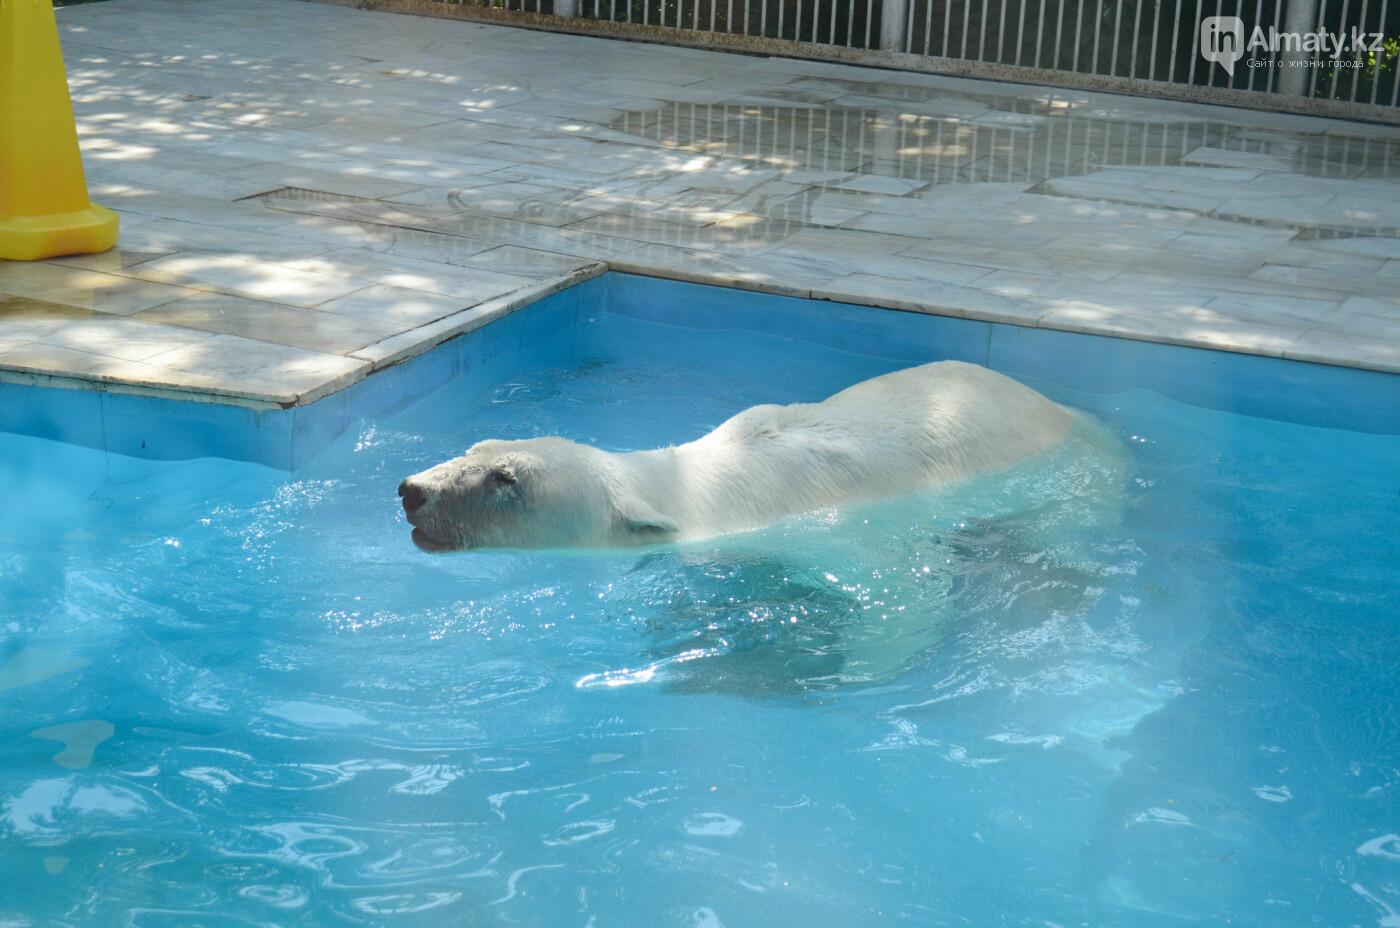 В Алматинском зоопарке показали, как живет пожилой медведь Алькор (видео), фото-2